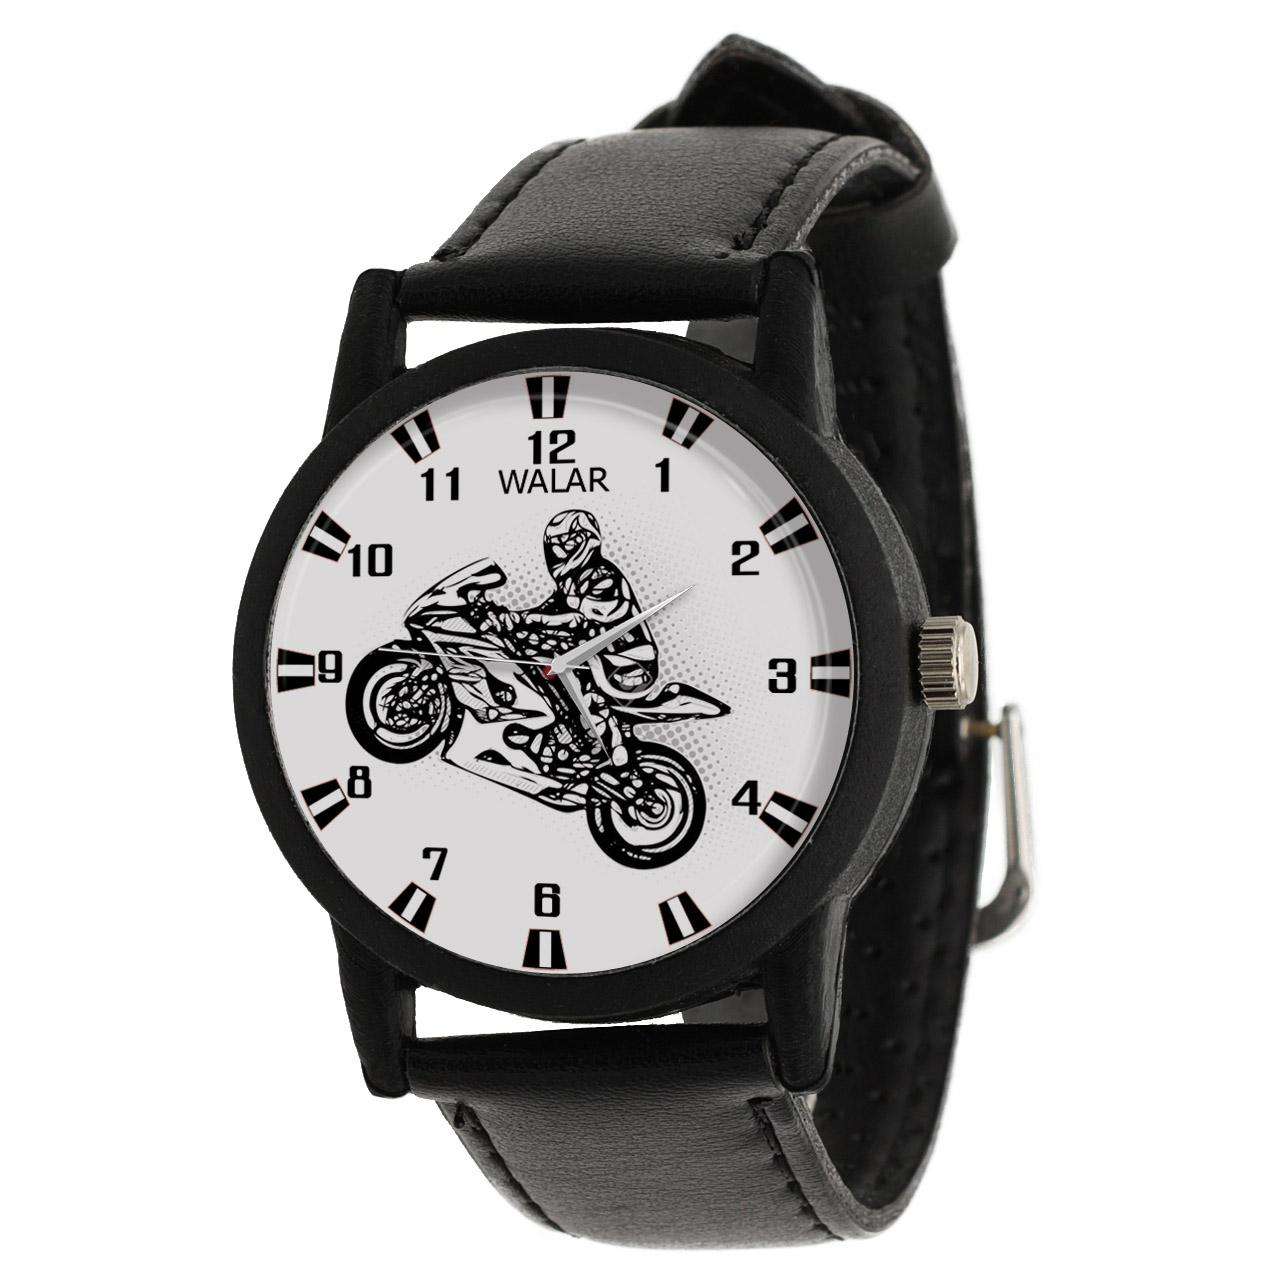 ساعت مچی عقربه ای مردانه والار طرح موتورسواری کد LF2196              ارزان